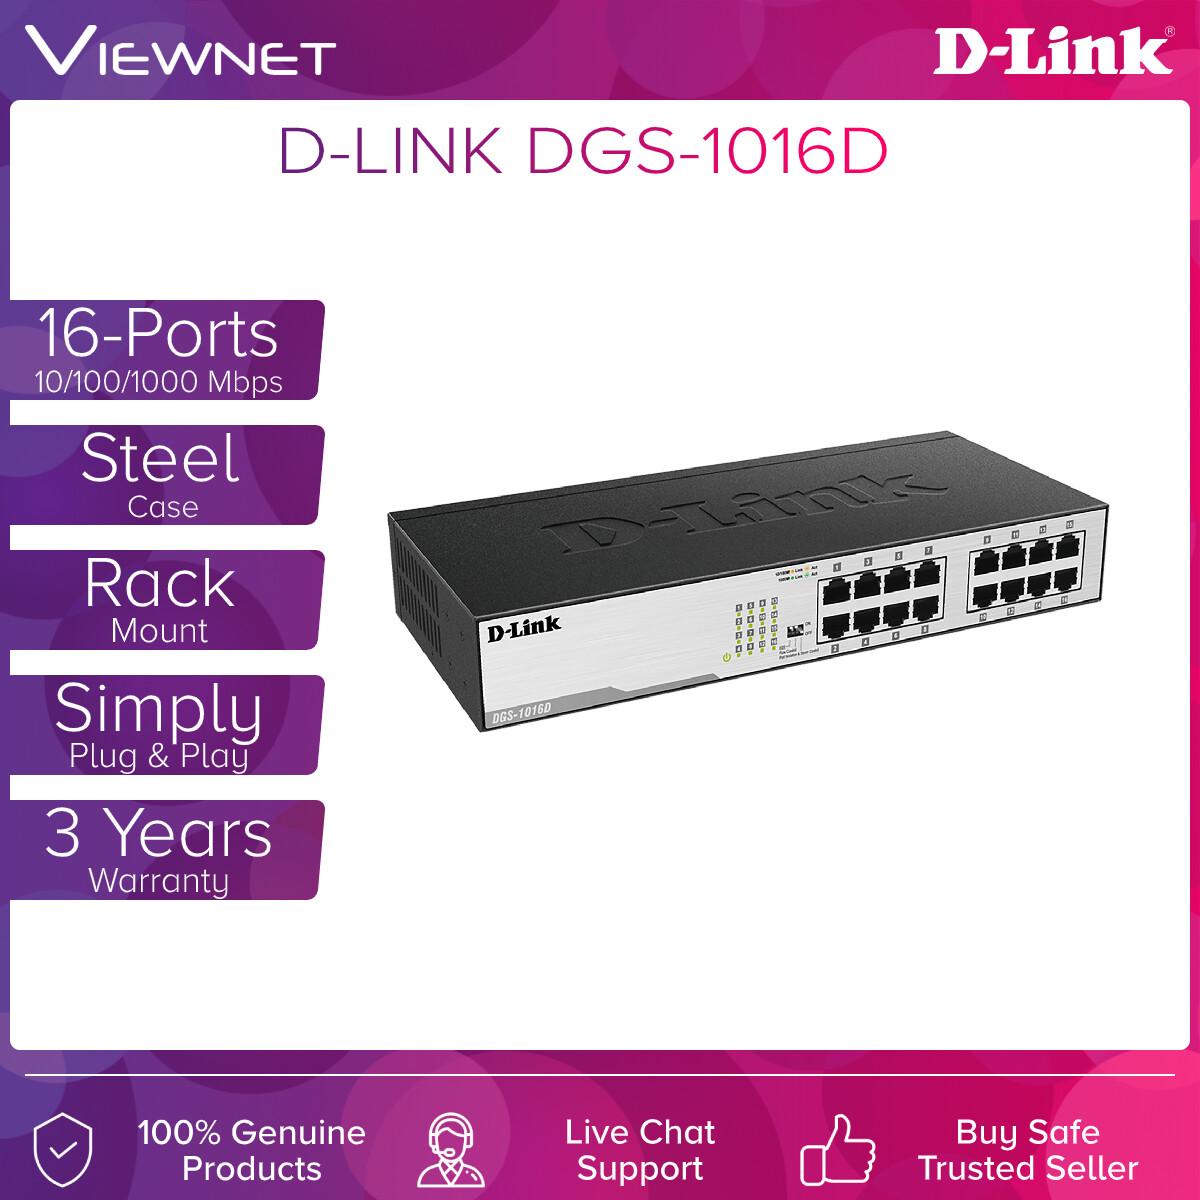 D-Link DGS-1016D 16-Port Unmanaged Gigabit Desktop/Rackmount Switch